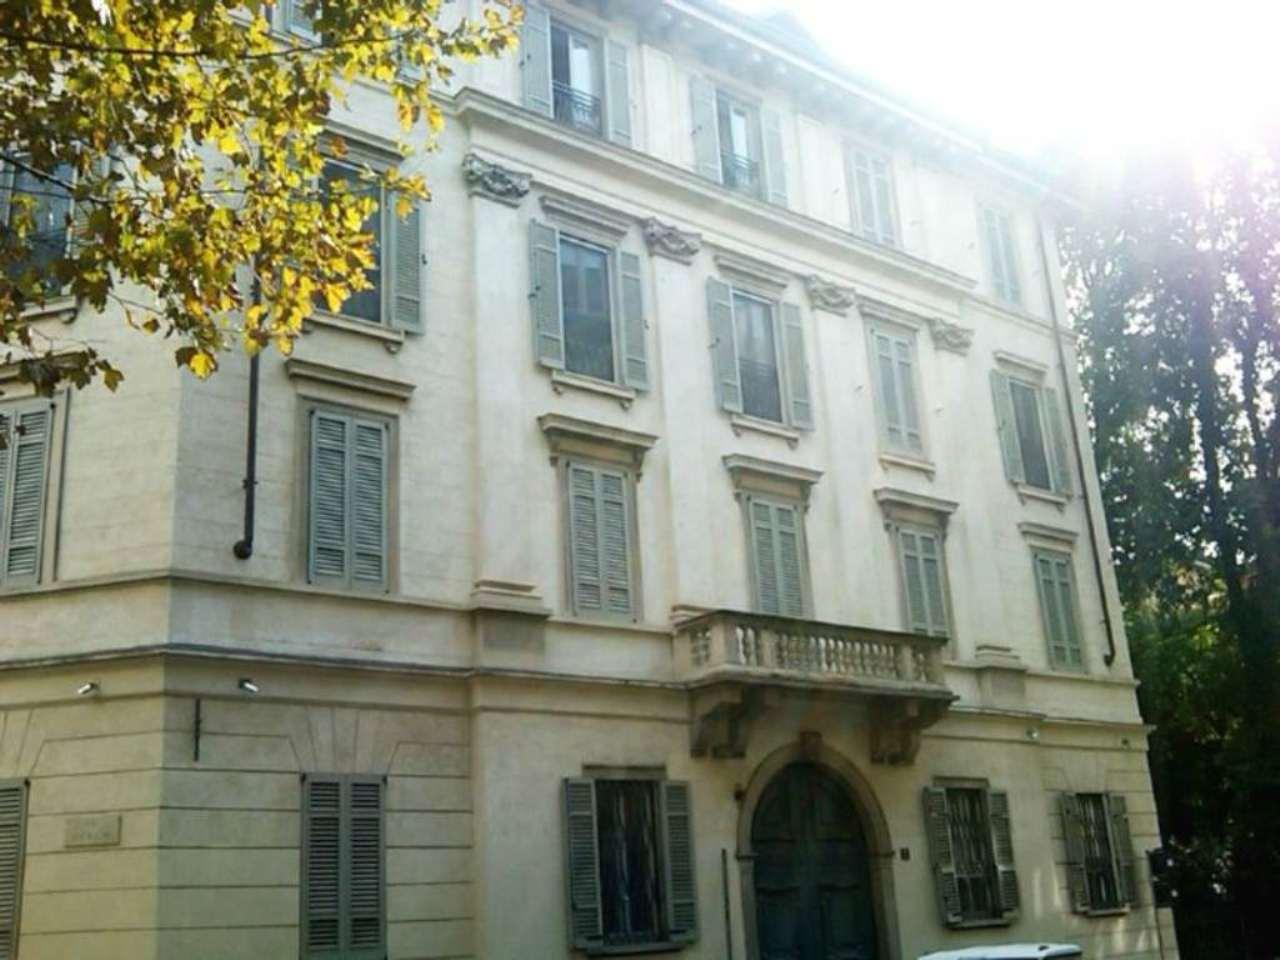 Appartamento in affitto a Milano, 4 locali, zona Zona: 1 . Centro Storico, Duomo, Brera, Cadorna, Cattolica, prezzo € 5.400 | Cambio Casa.it